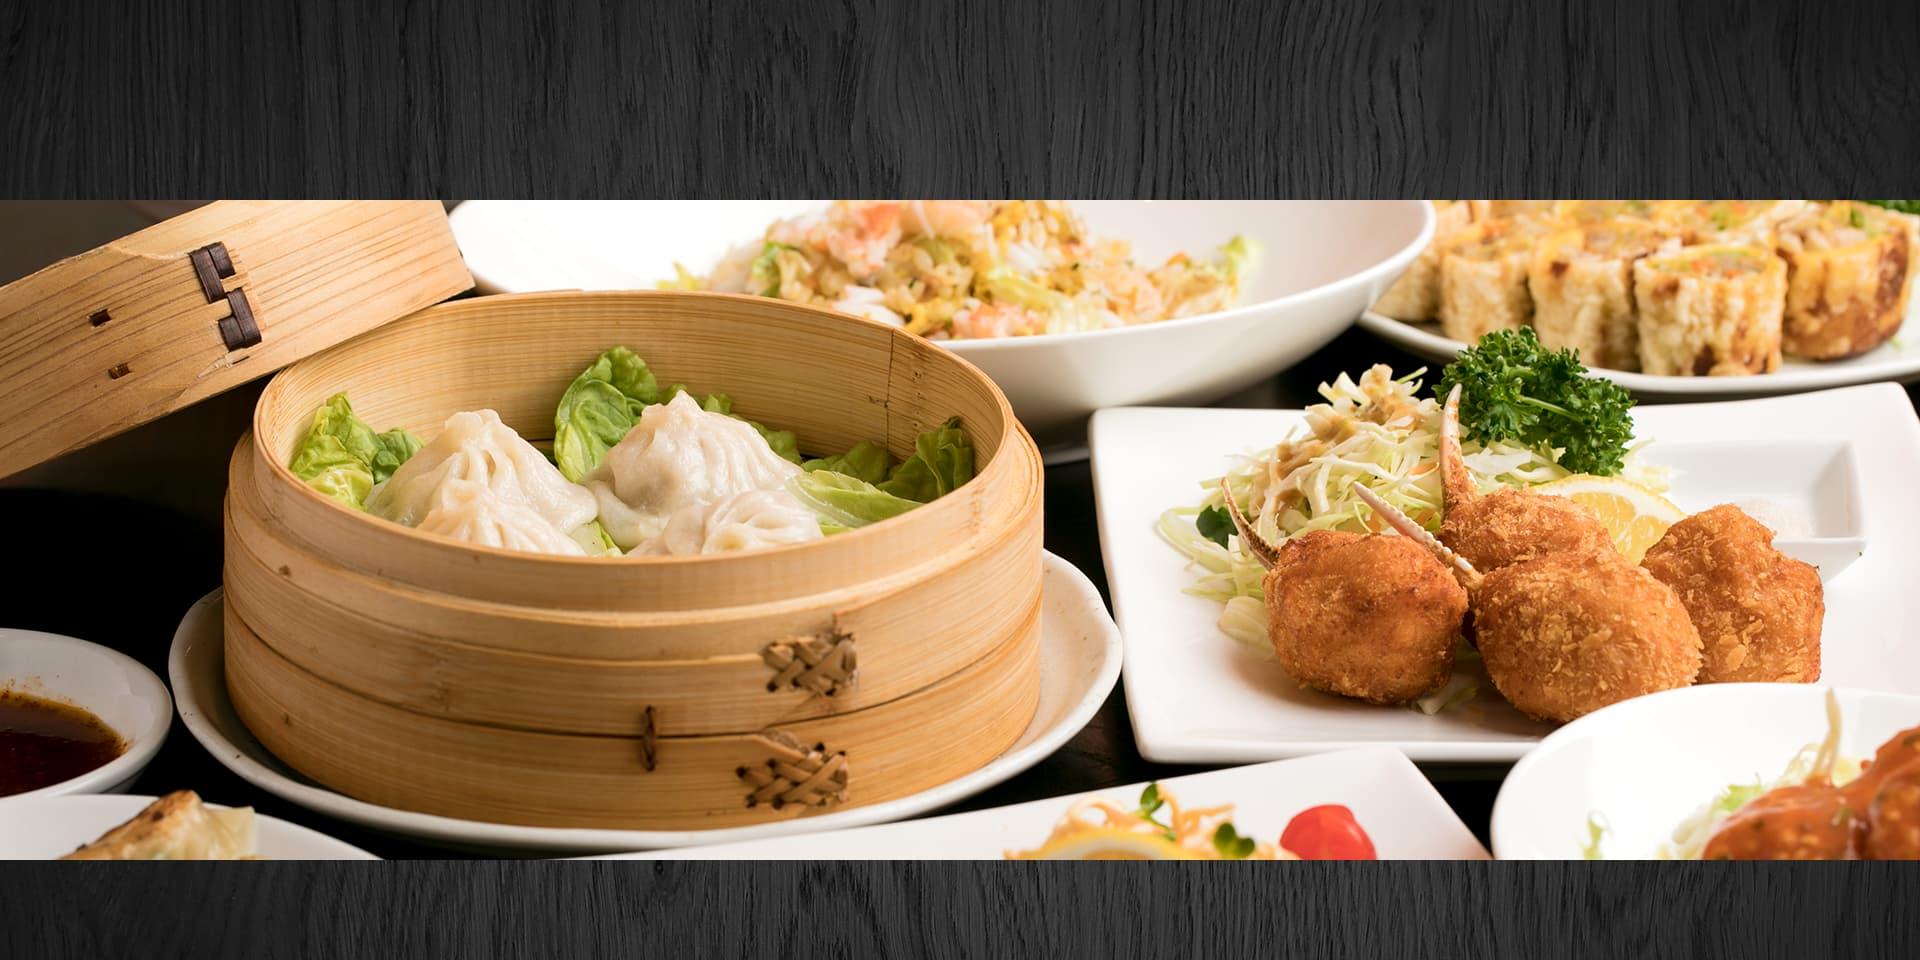 お昼はリーズナブルに夜はお酒とともにこだわりの中華料理をお楽しみください